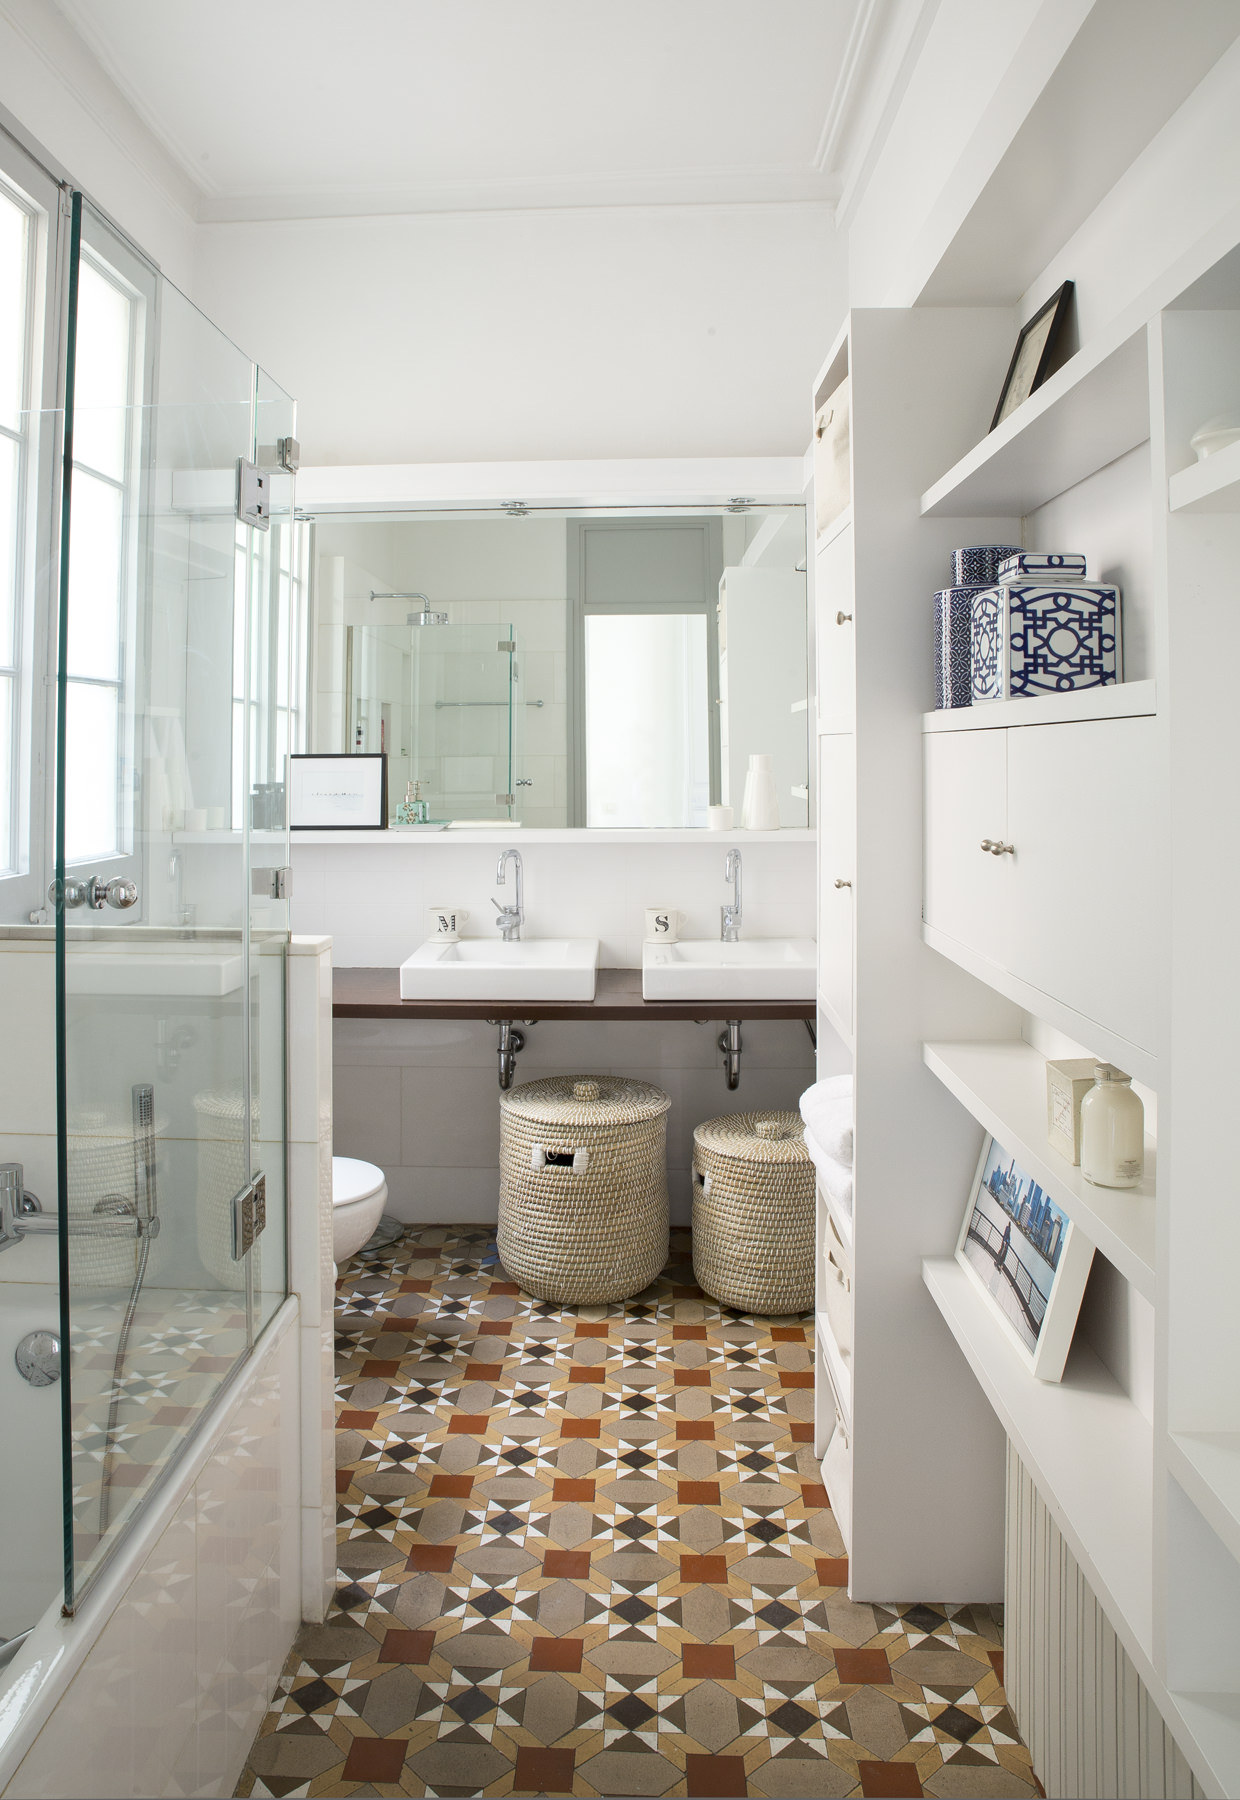 Vivienda eixample barcelona espacio en blanco - Espacio en blanco ...